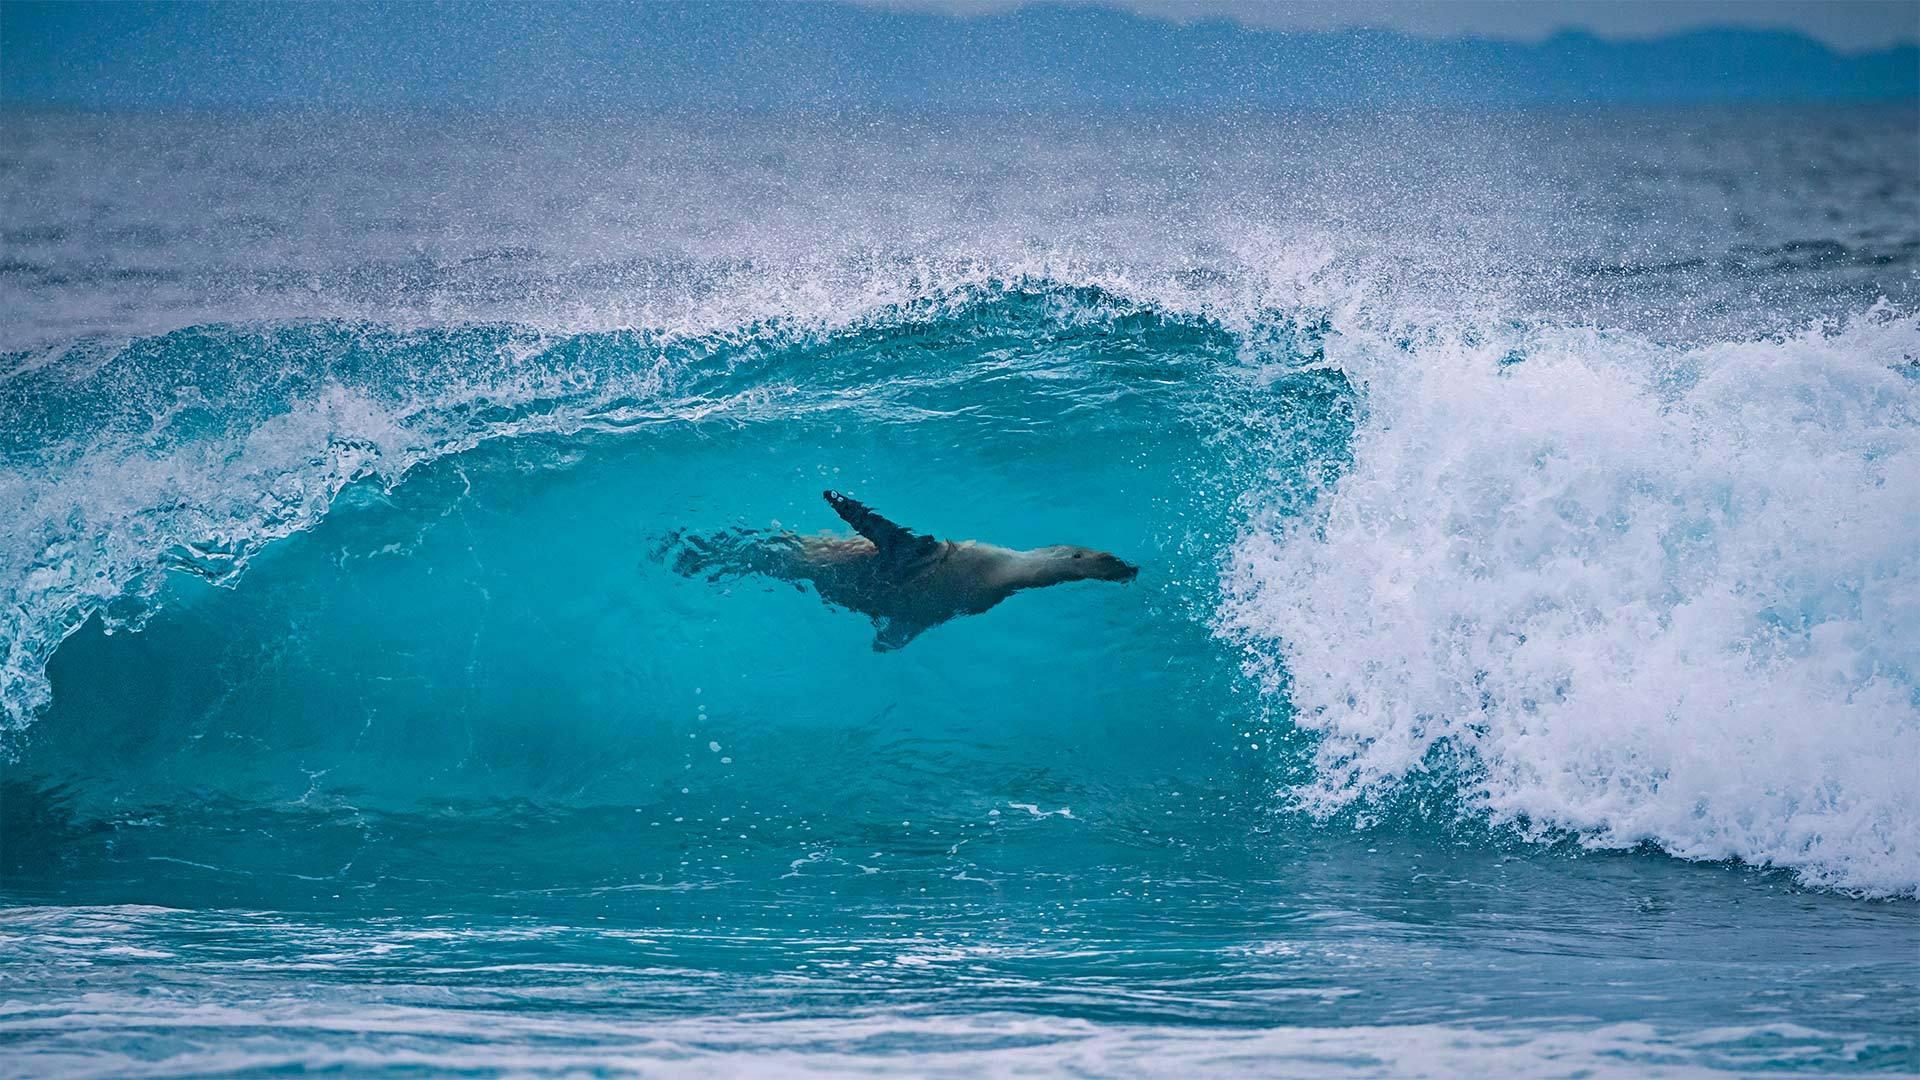 费尔南迪纳岛海岸的加拉帕戈斯海狮加拉帕戈斯海狮